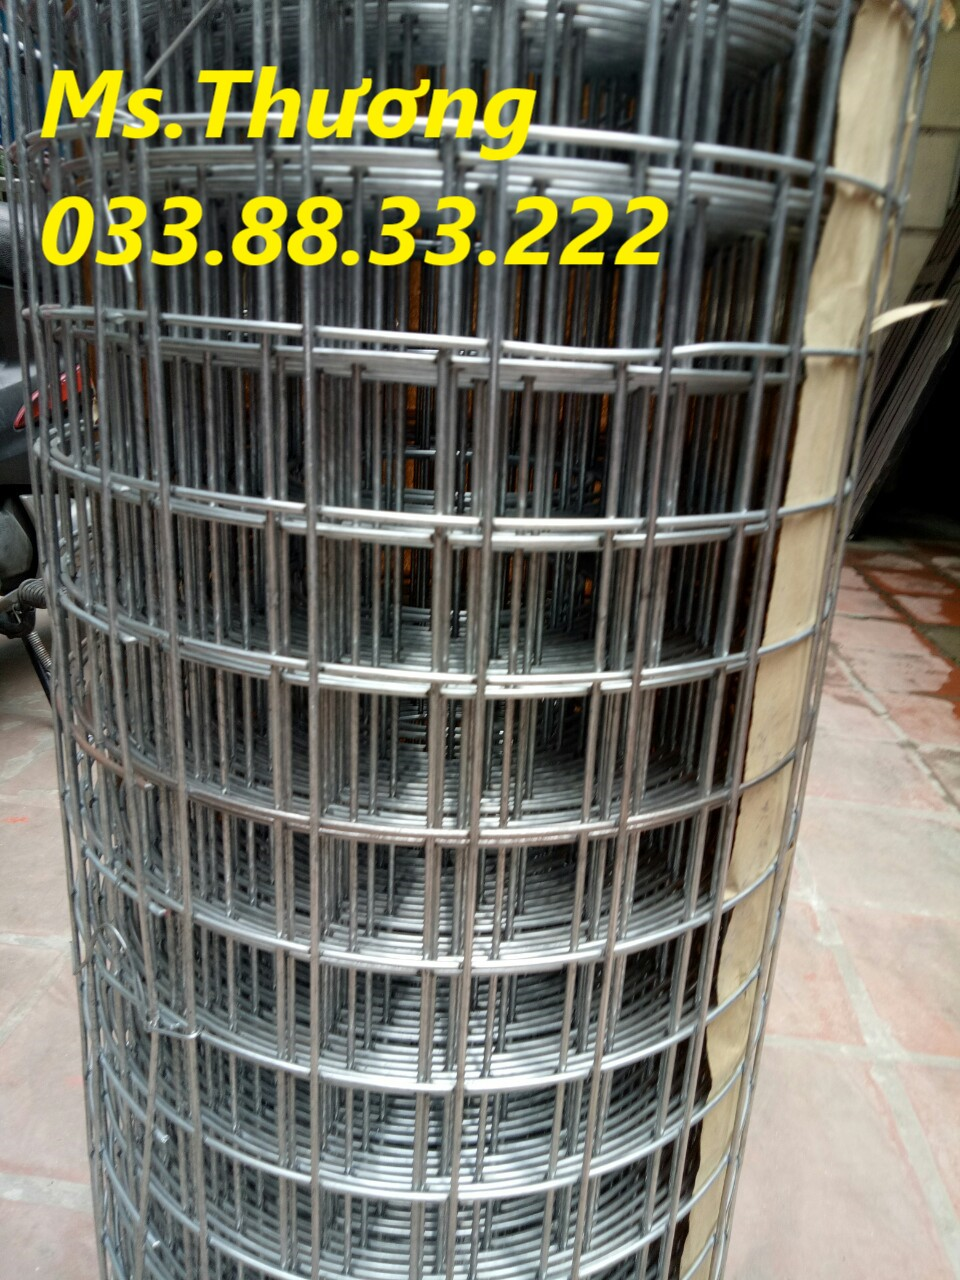 Sản xuất lưới hàn D4,D5,D6 theo yêu cầu